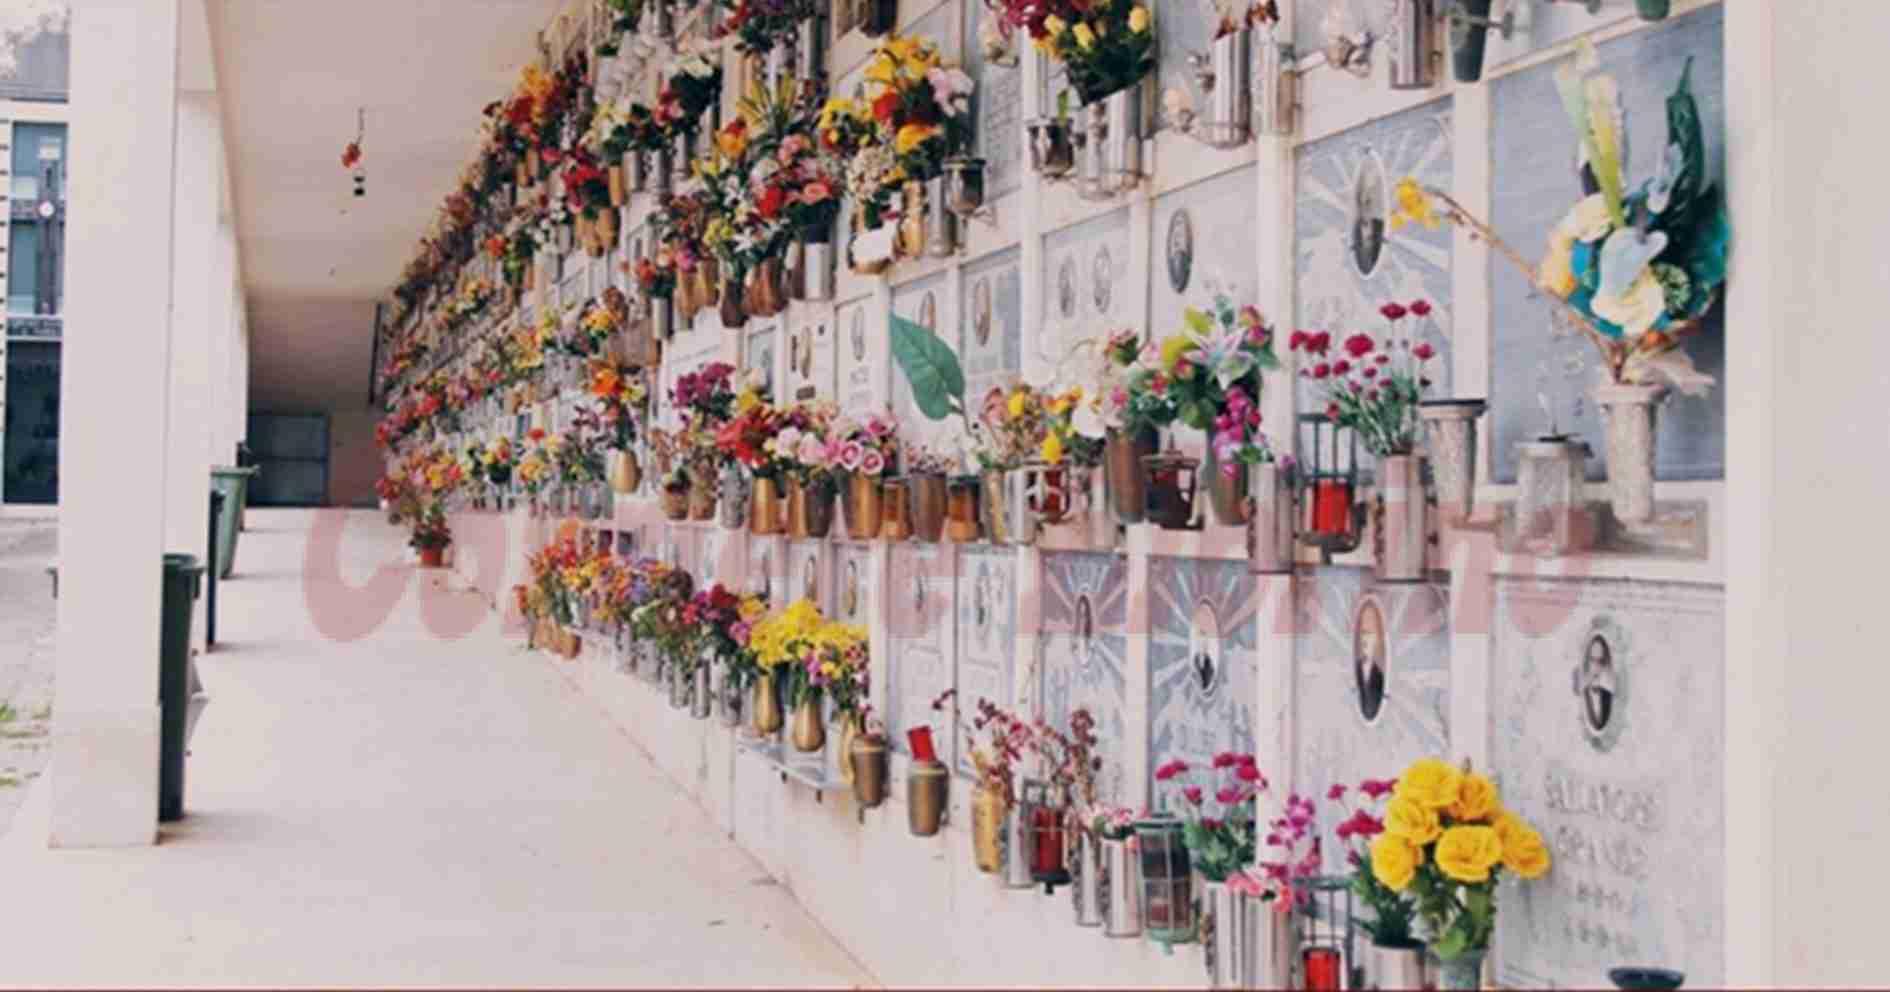 Rosolini zona rossa, fino al 14 aprile chiuso il Cimitero e limitazioni anche ai funerali